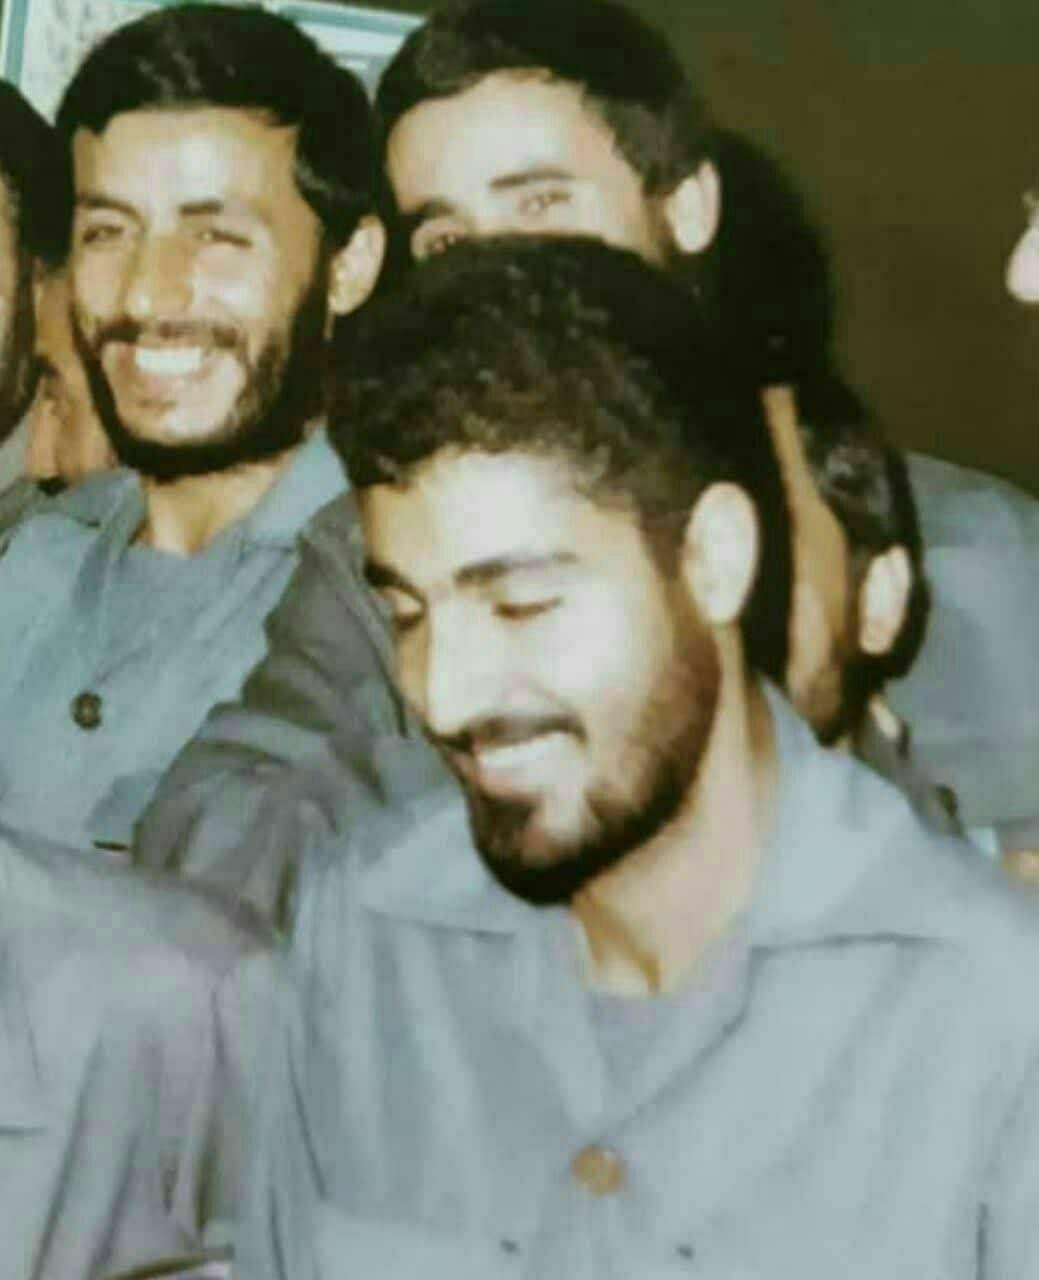 انتشار تصویری جدید از سردار سلیمانی و شهید همت در کنار یکدیگر